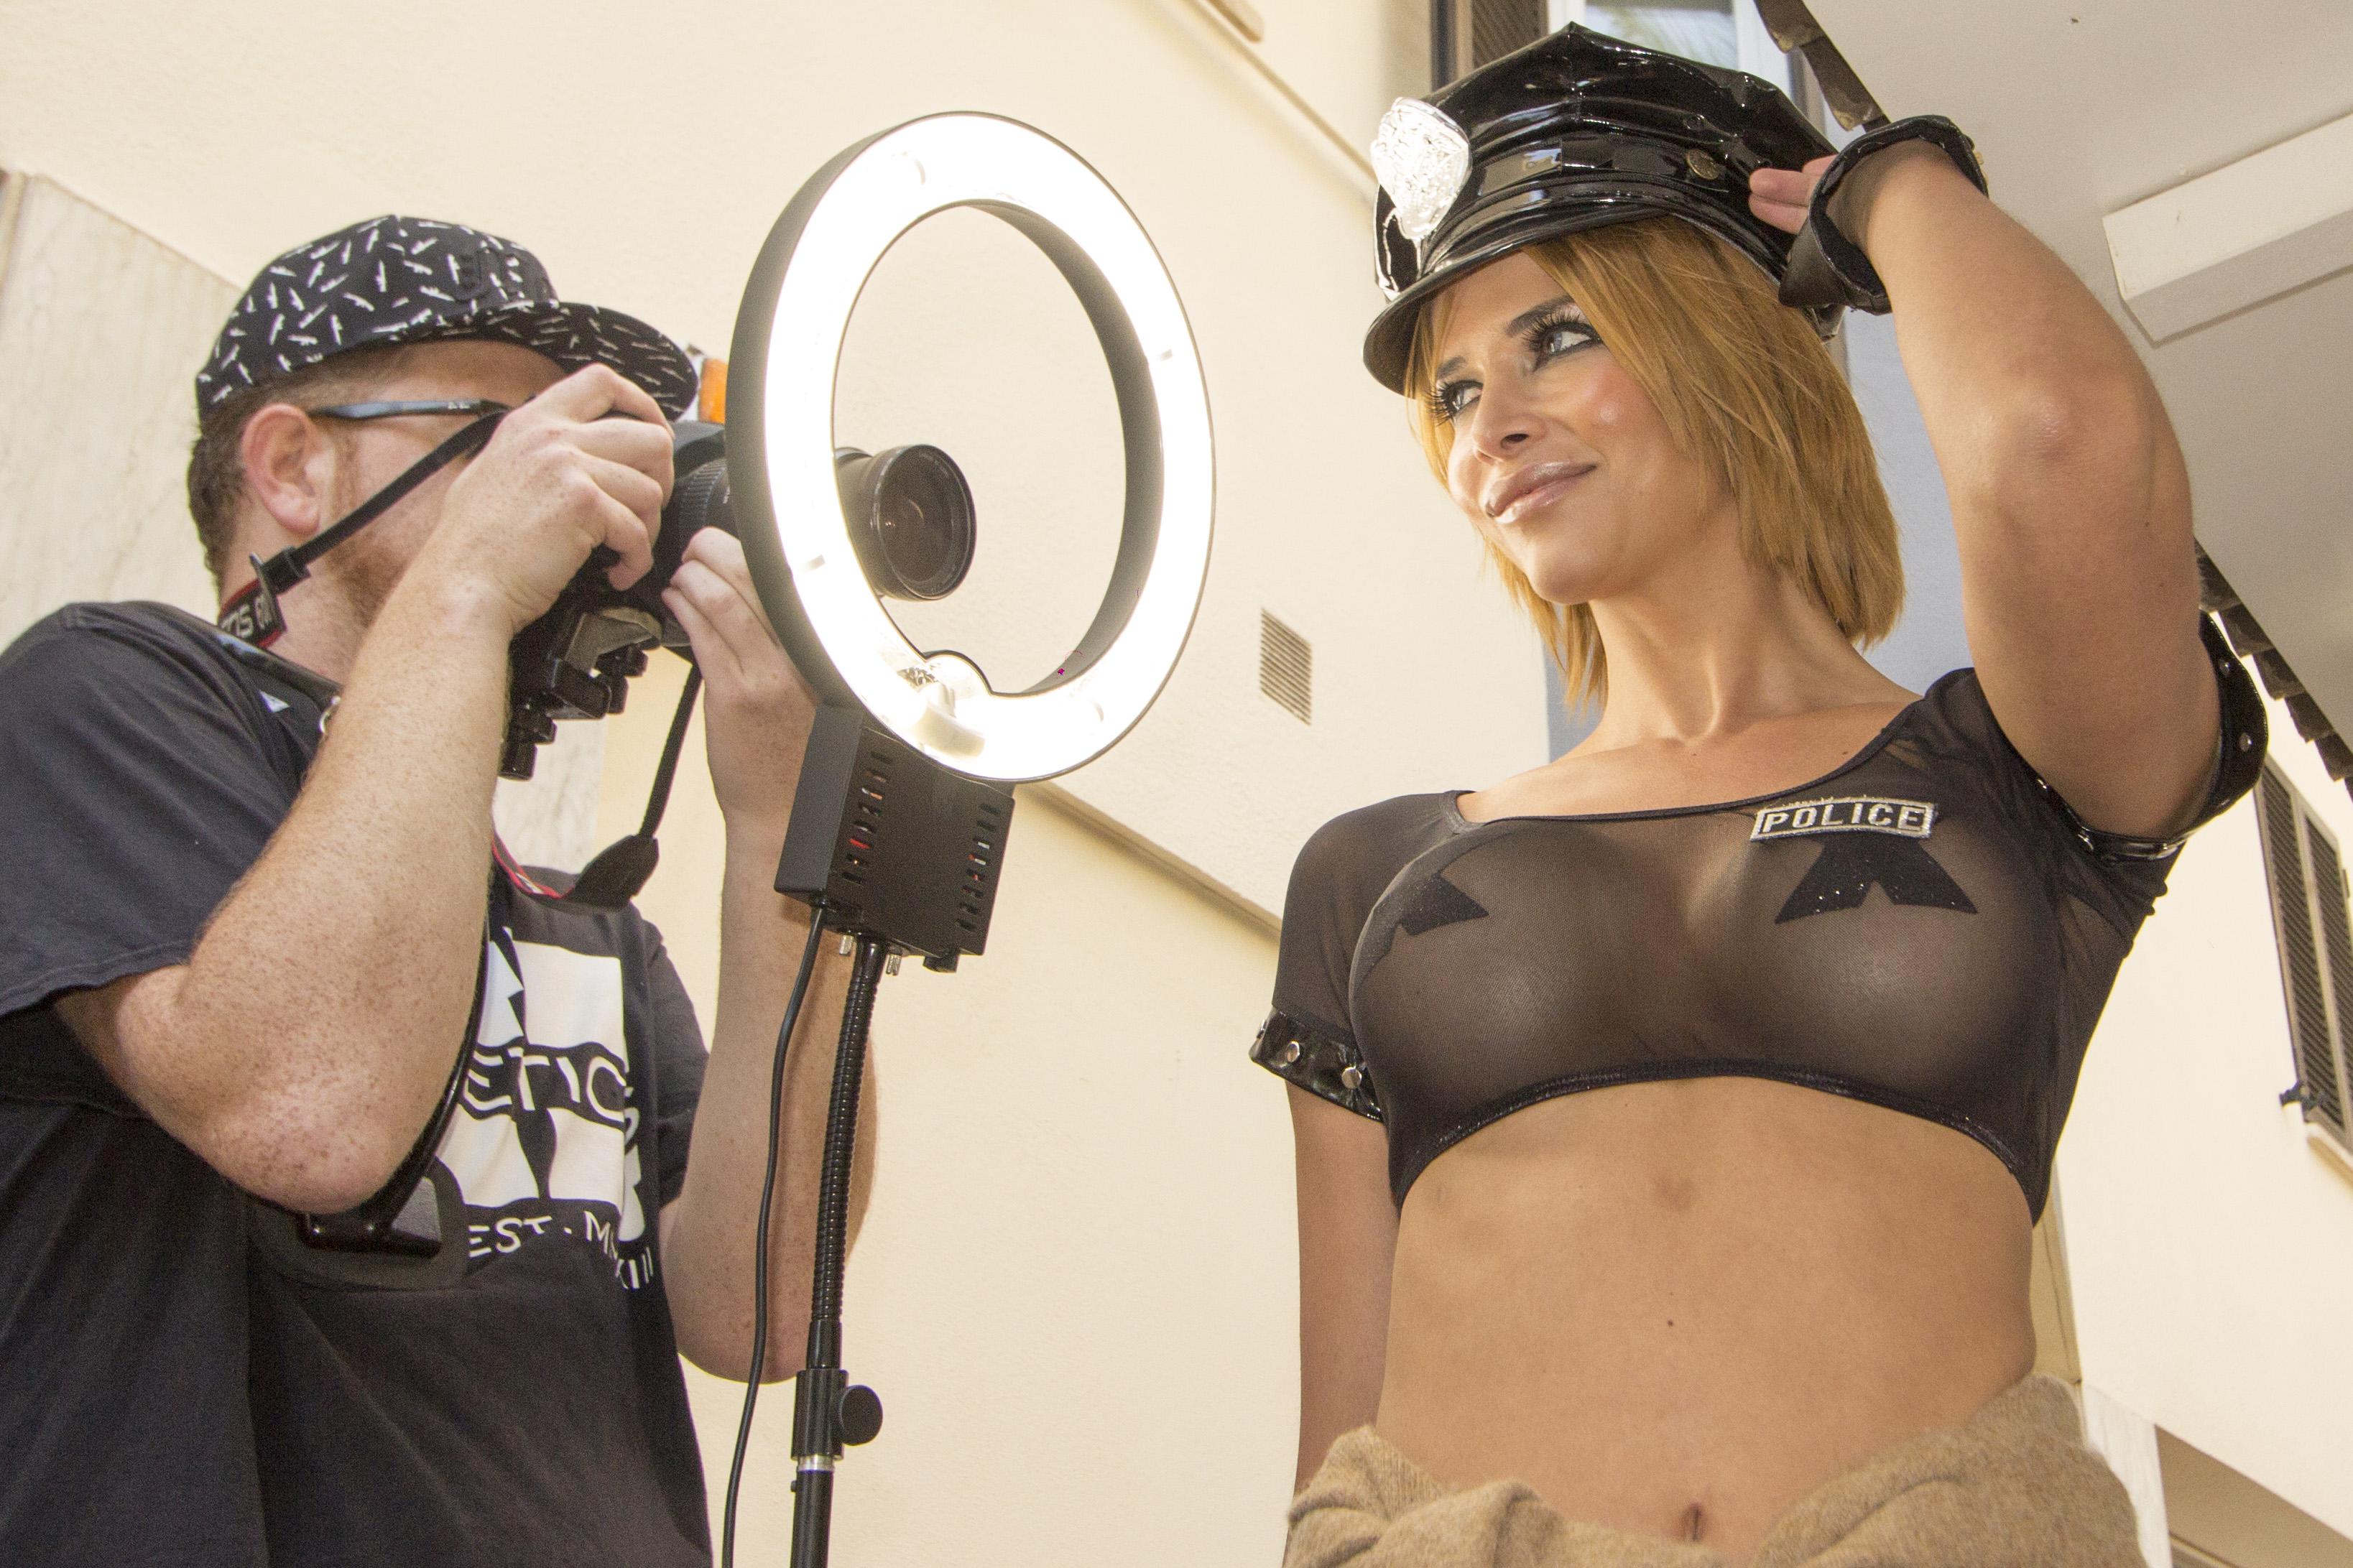 Micaela Schaefer Sexy Pho...